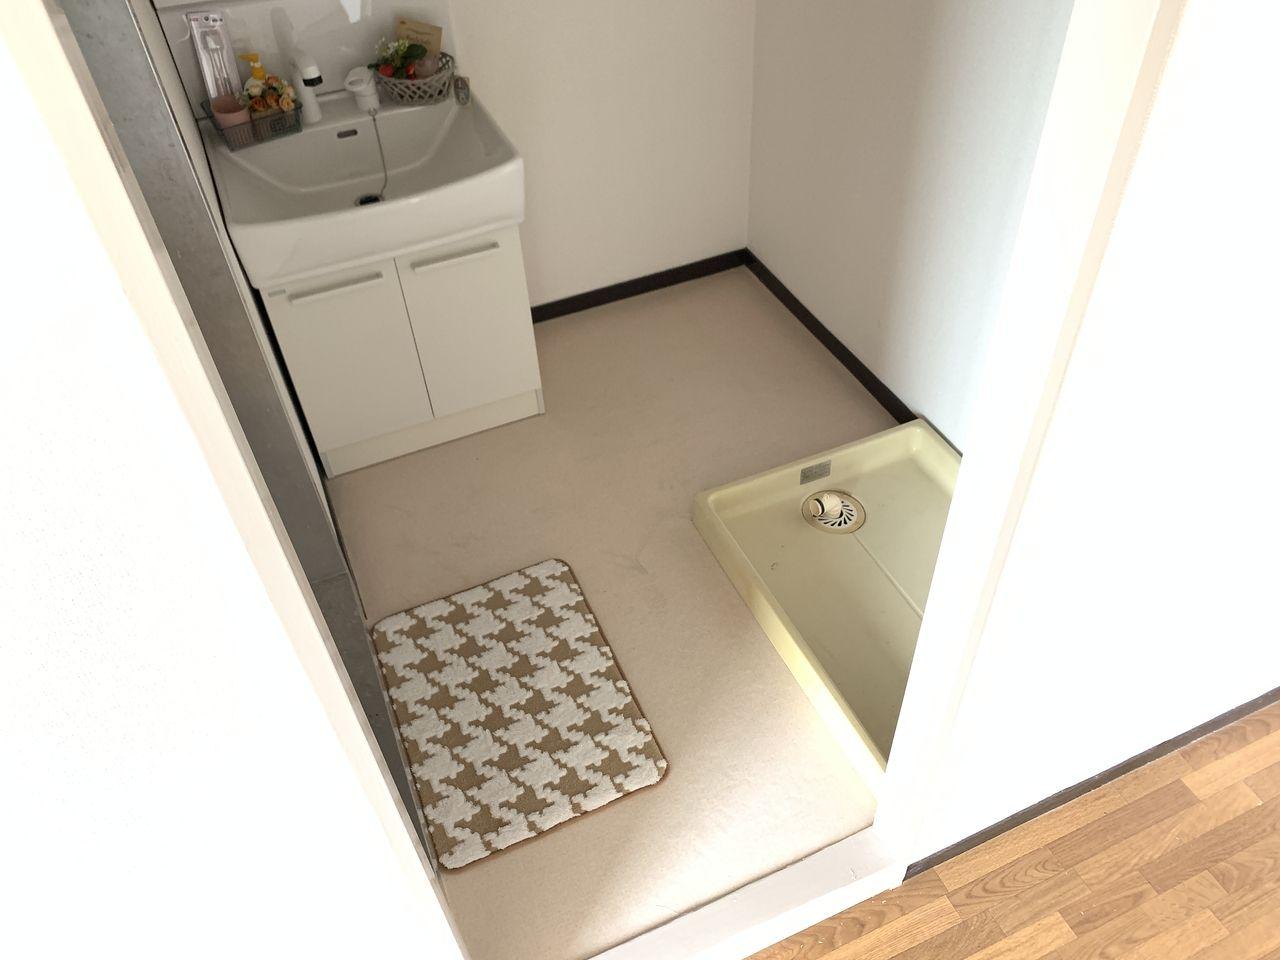 ハイツ富士401号室洗面所の写真です